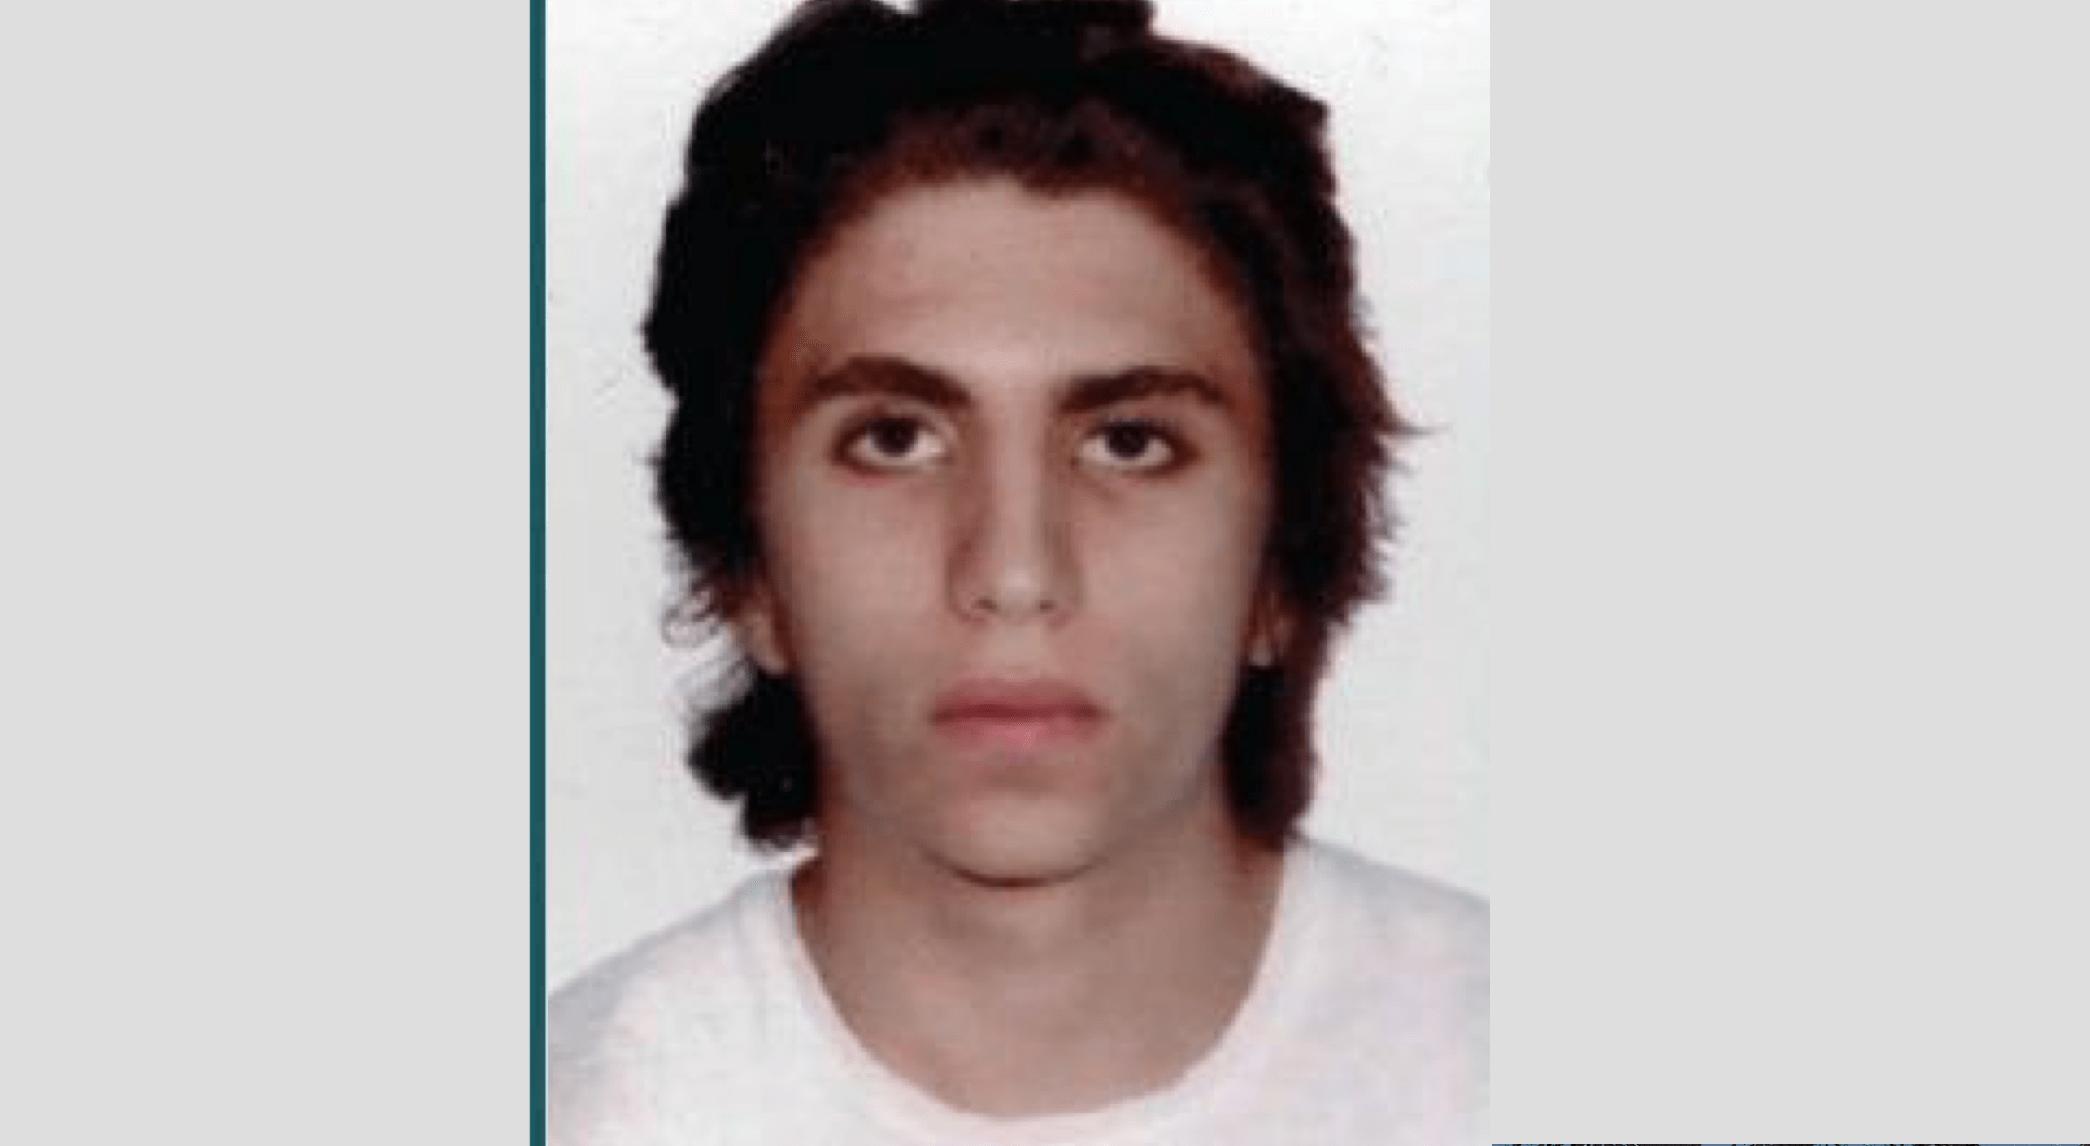 Attentato Londra 2017, il terrorista italiano fu rilasciato per insufficienza di prove